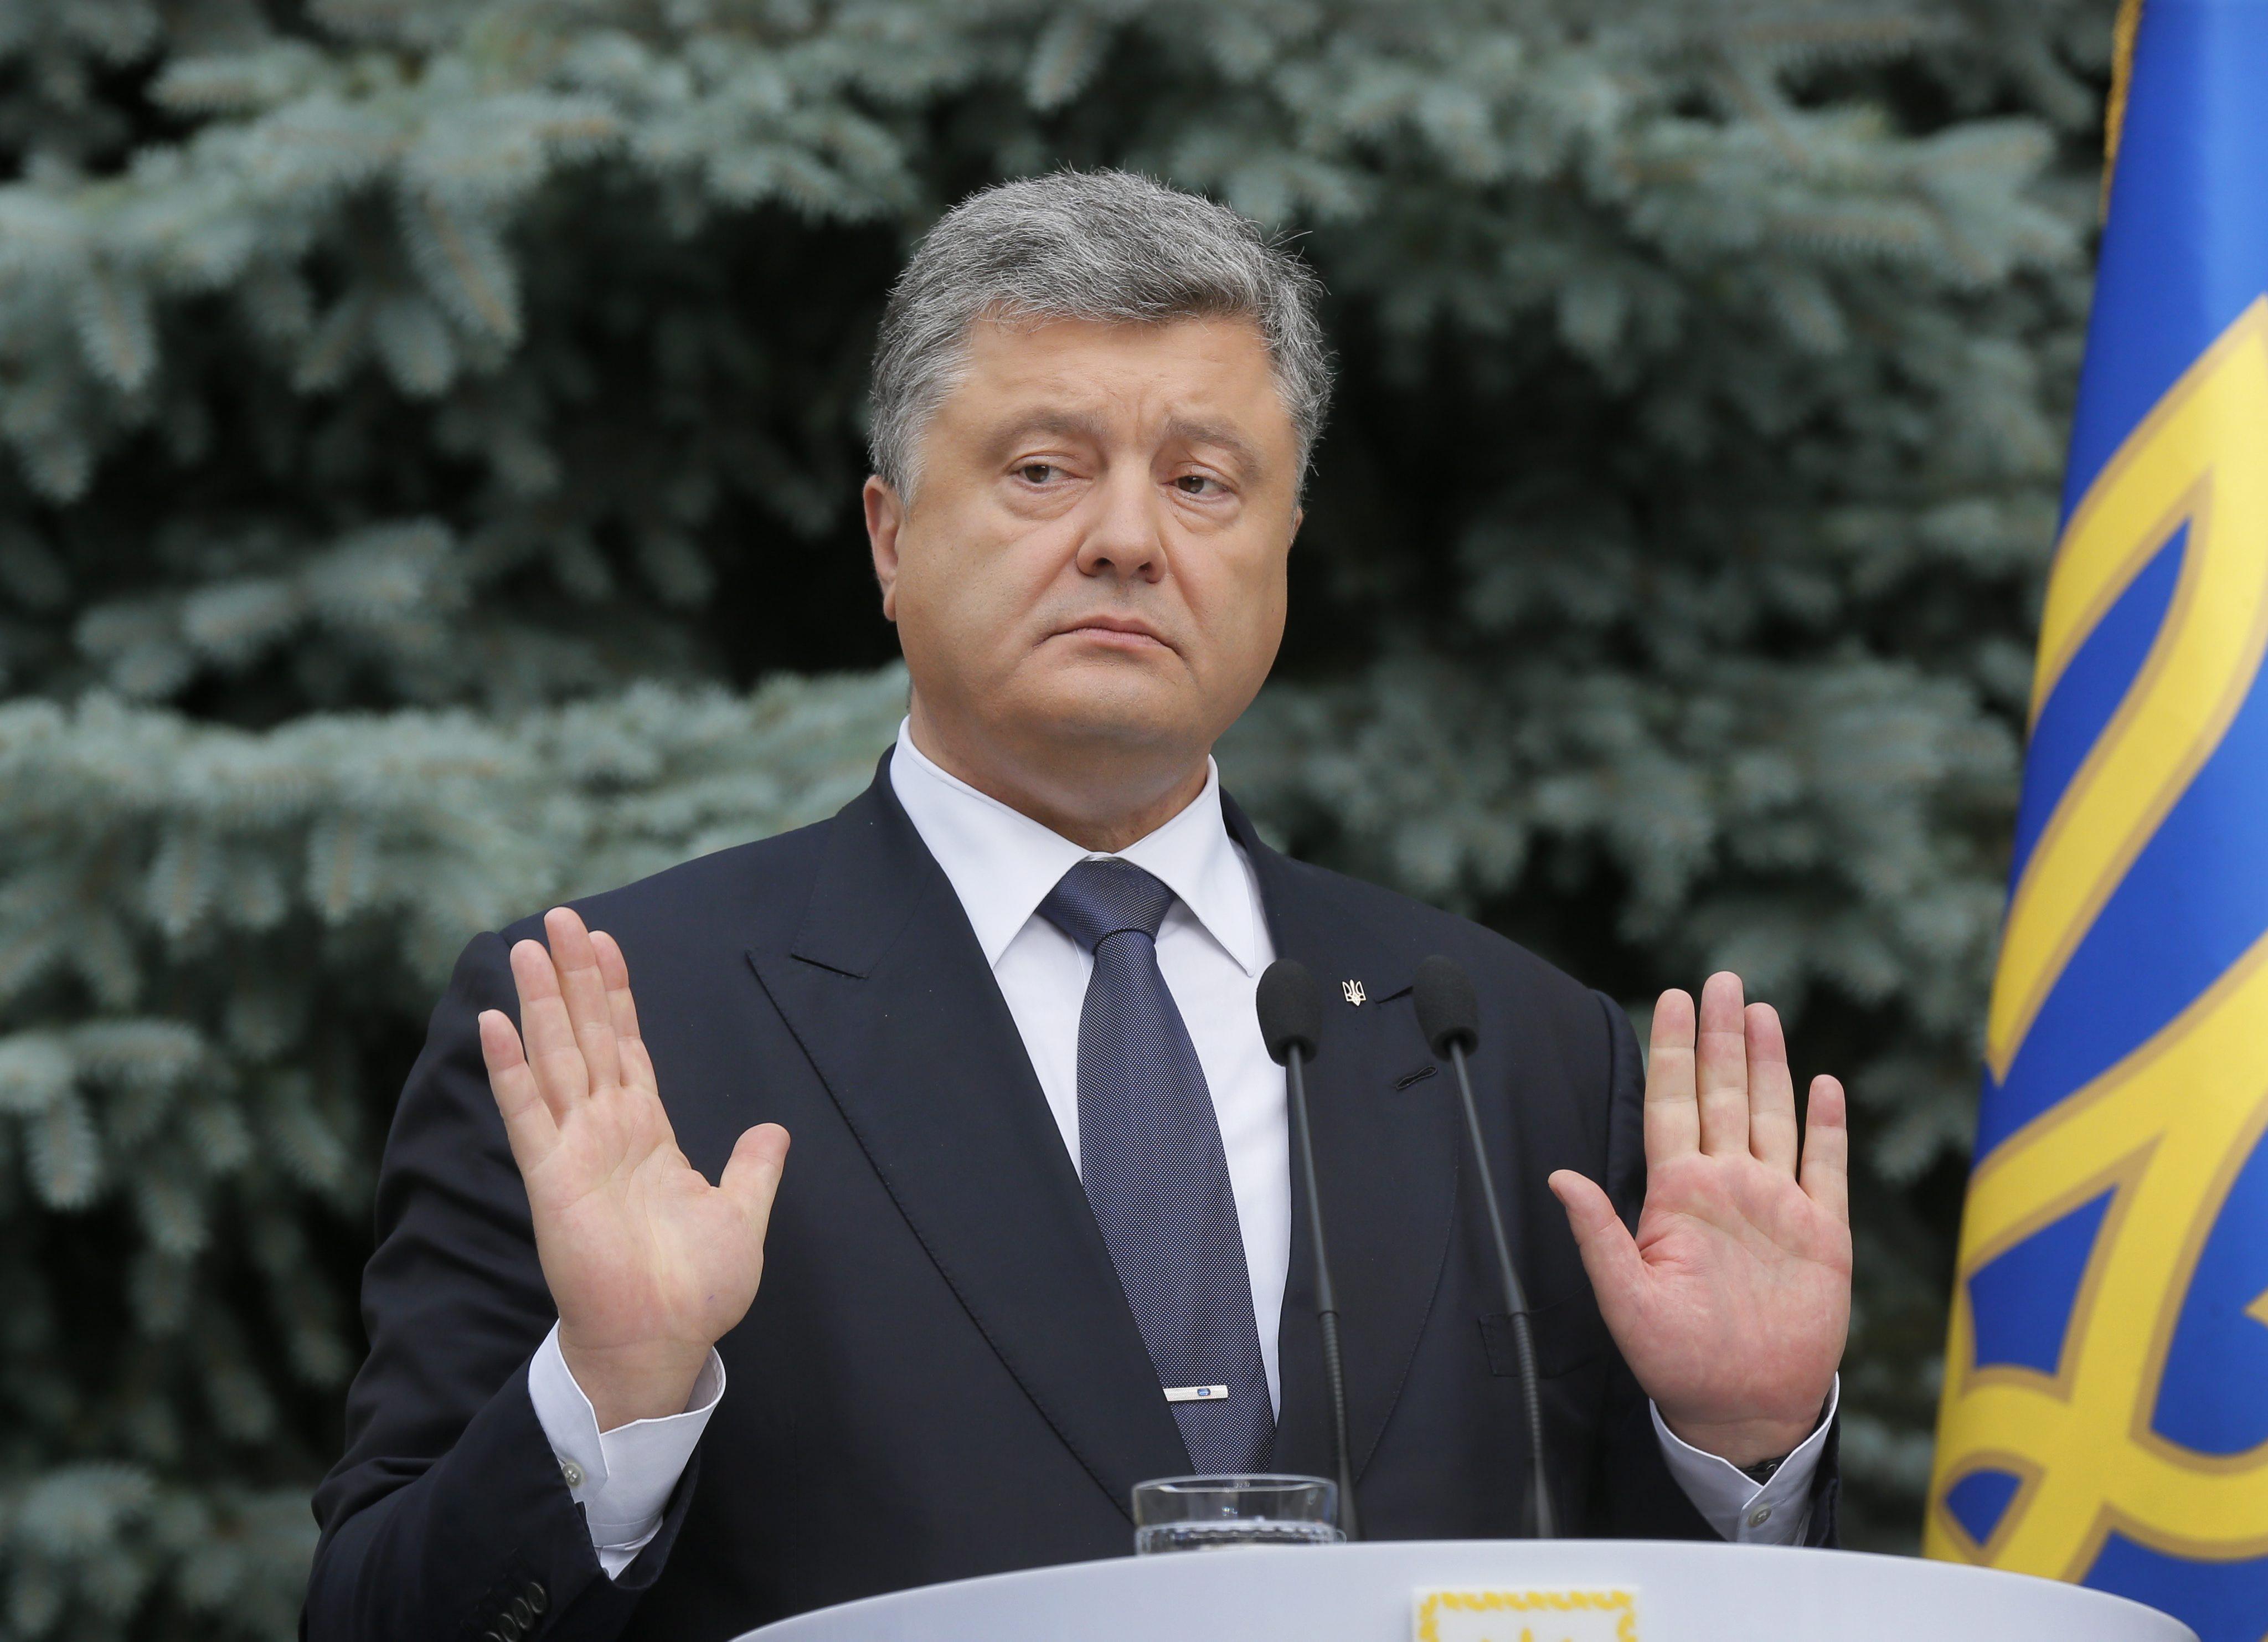 Der Präsident der Ukaine, Petro Poroschenko, will die besetzten Gebiete schnell zurückgewinnen.